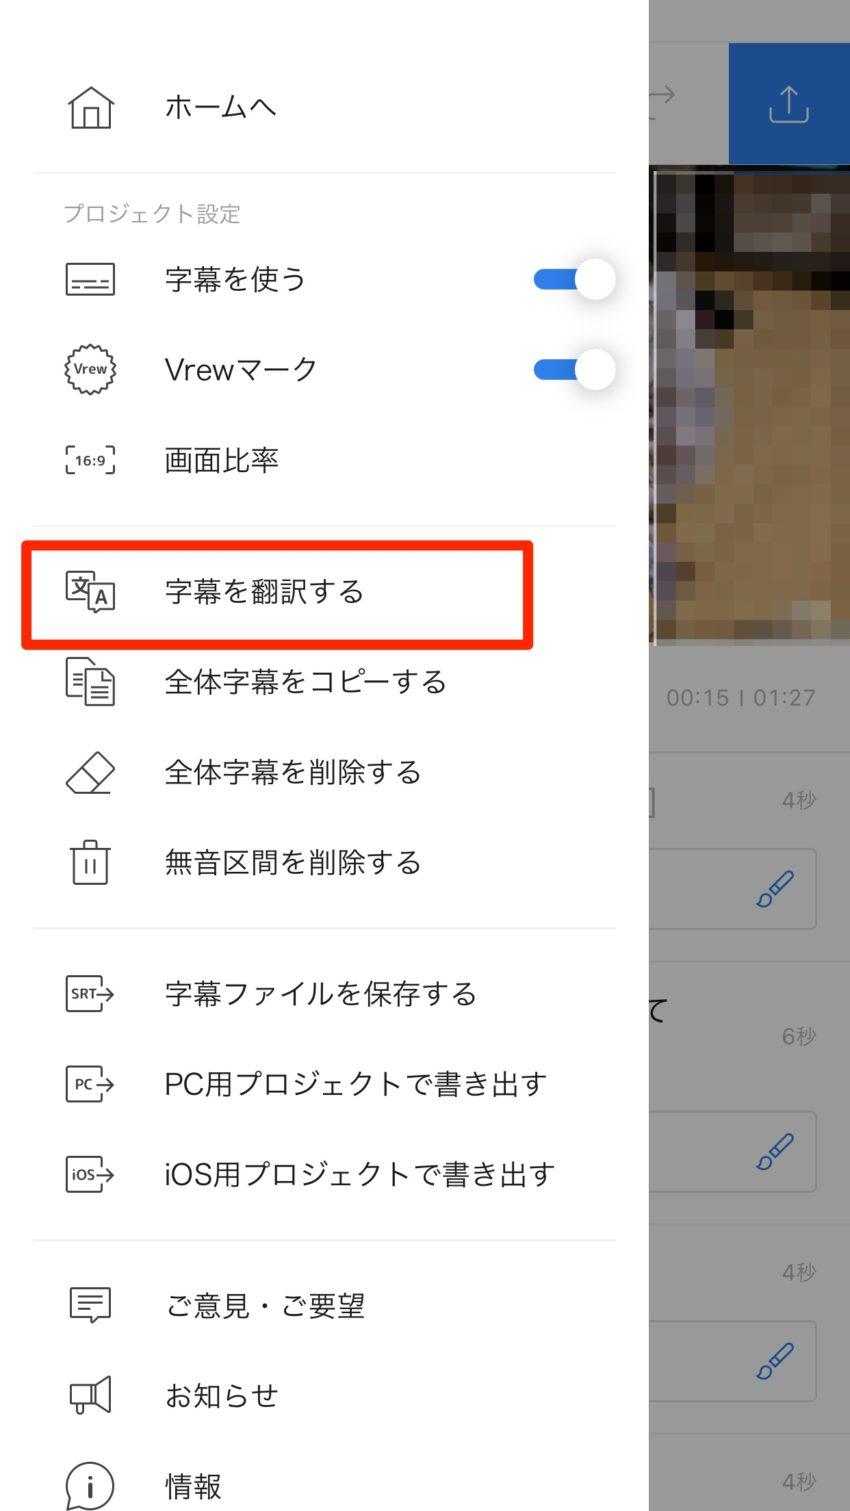 字幕の翻訳